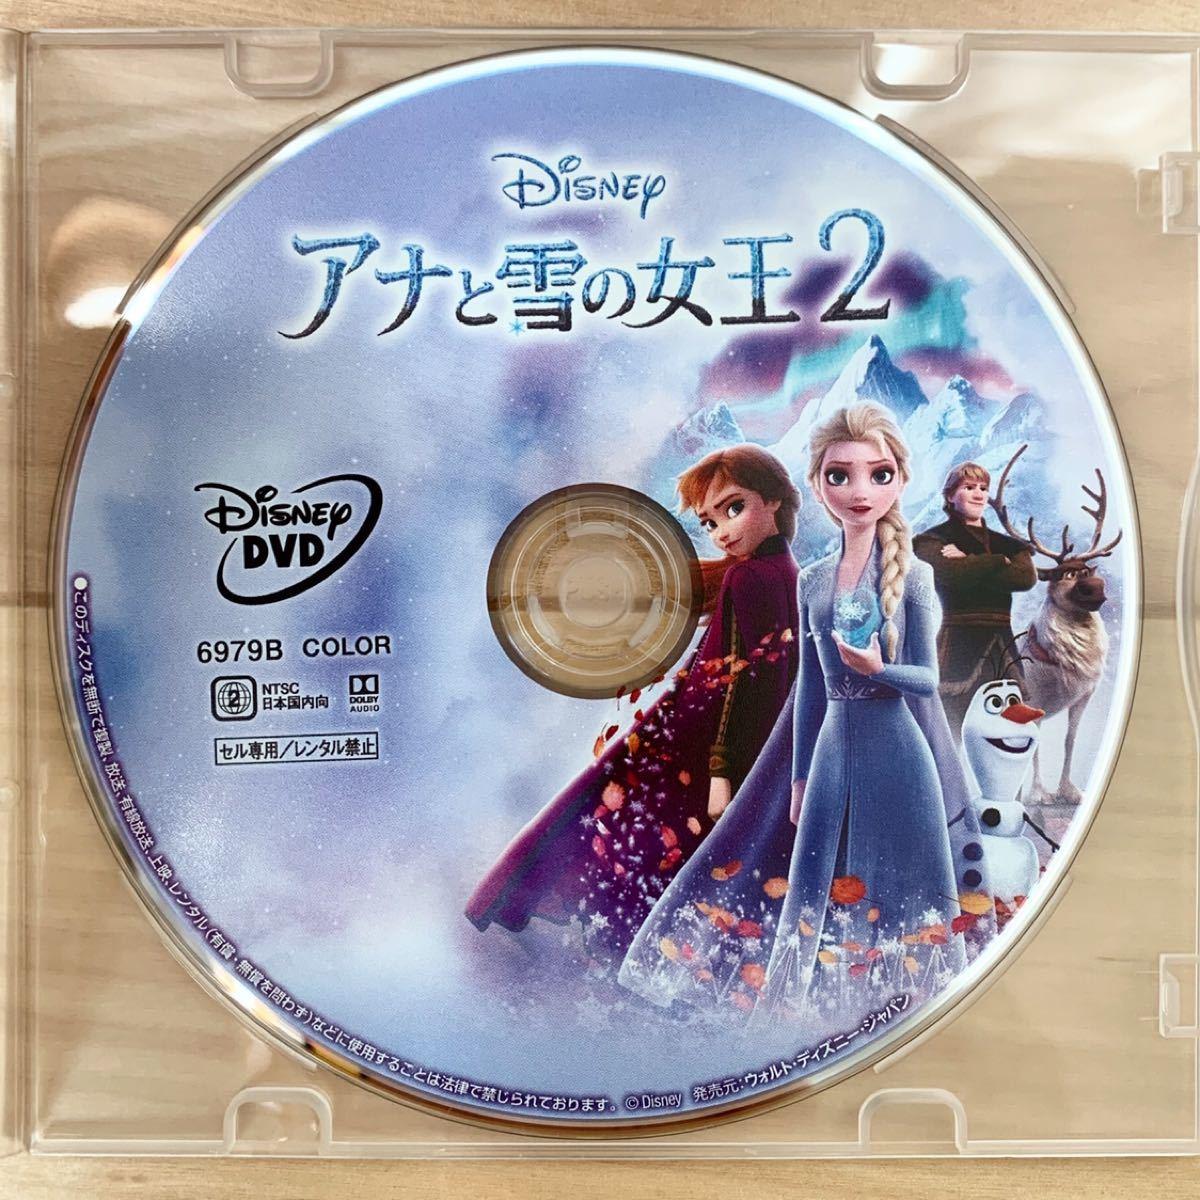 ☆マジックコード付き☆ アナと雪の女王2 DVDディスク 新品未再生 国内正規品 MovieNEX ディズニー Disney